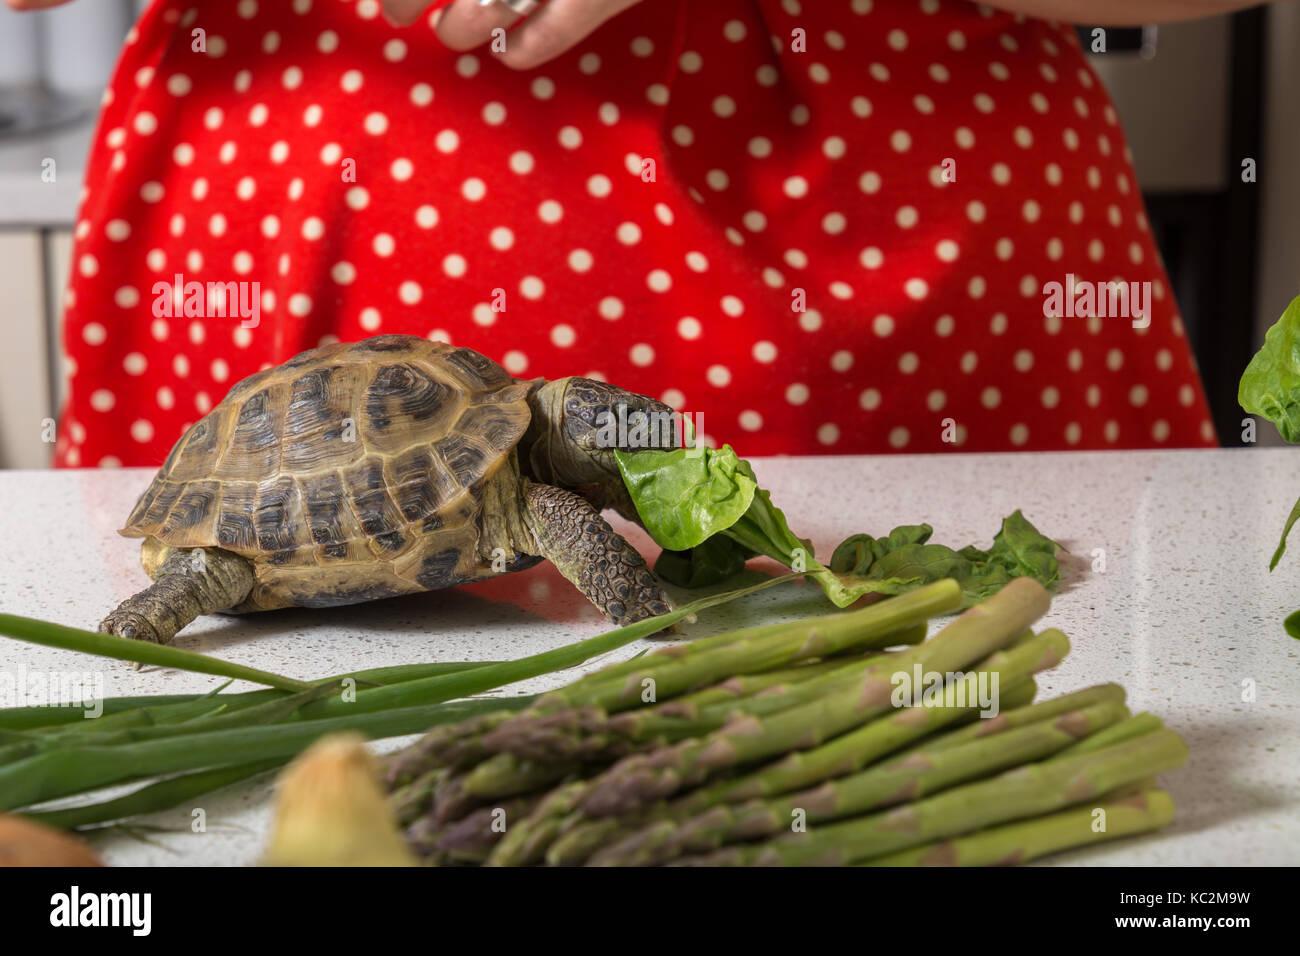 Cute tortoise feasting on salad - Stock Image